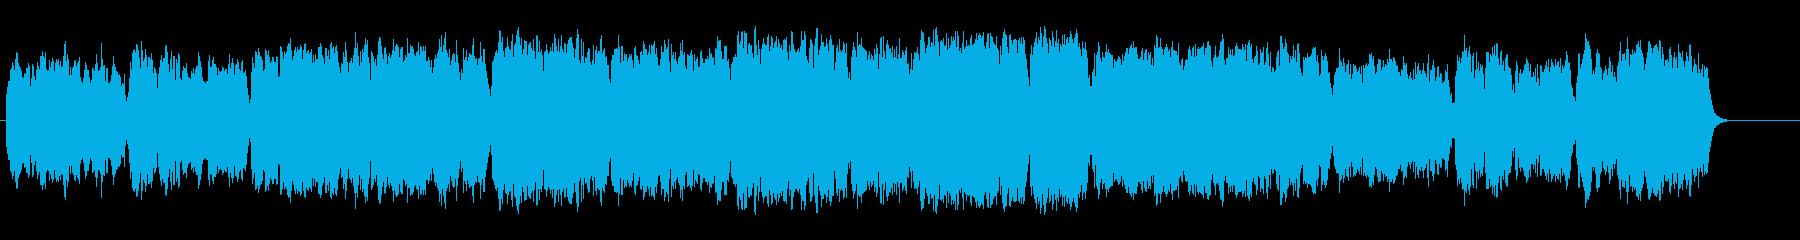 しっとりとした優しいバラード/BGの再生済みの波形